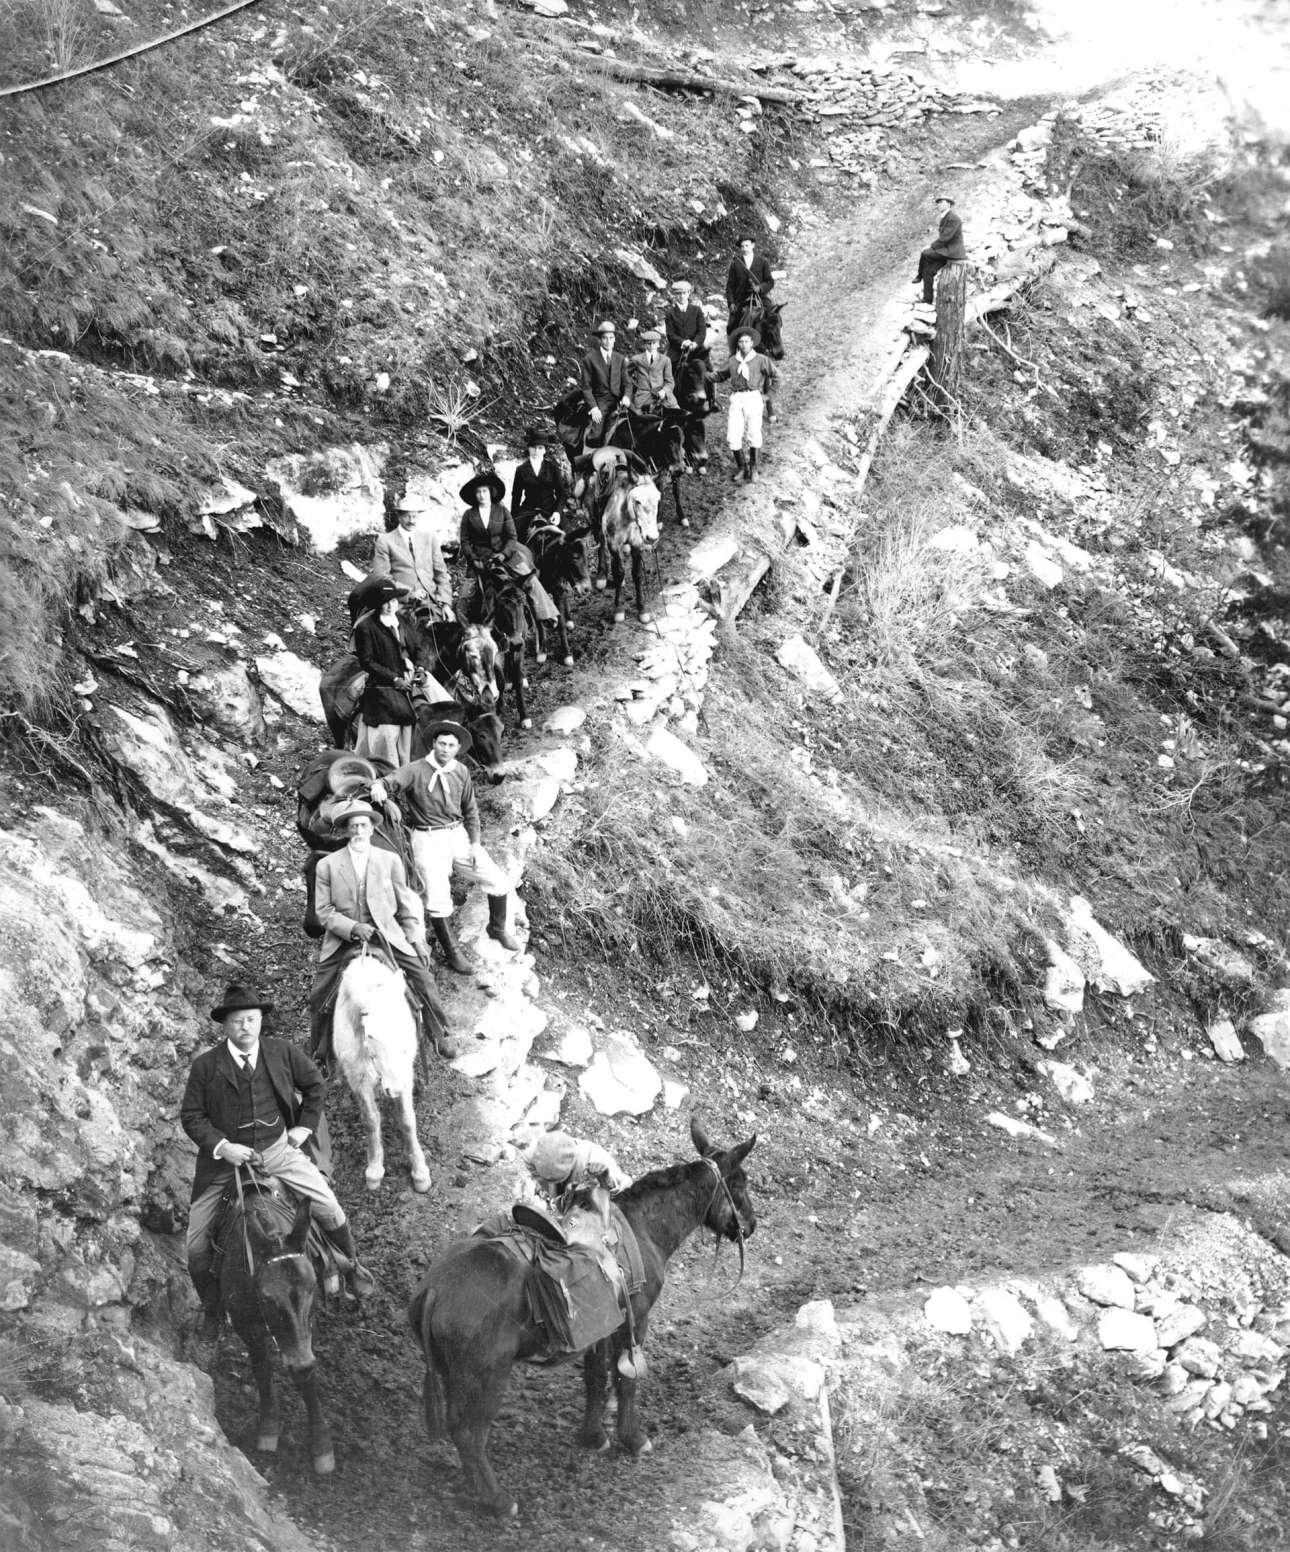 Μία παρέα κατεβαίνει το μονοπάτι Angle, στις 16 Μαρτίου του 1911. Πρώτος μπροστά διακρίνεται ο 26ος πρόεδρος των ΗΠΑ, ο Τέντι Ρούσβελτ